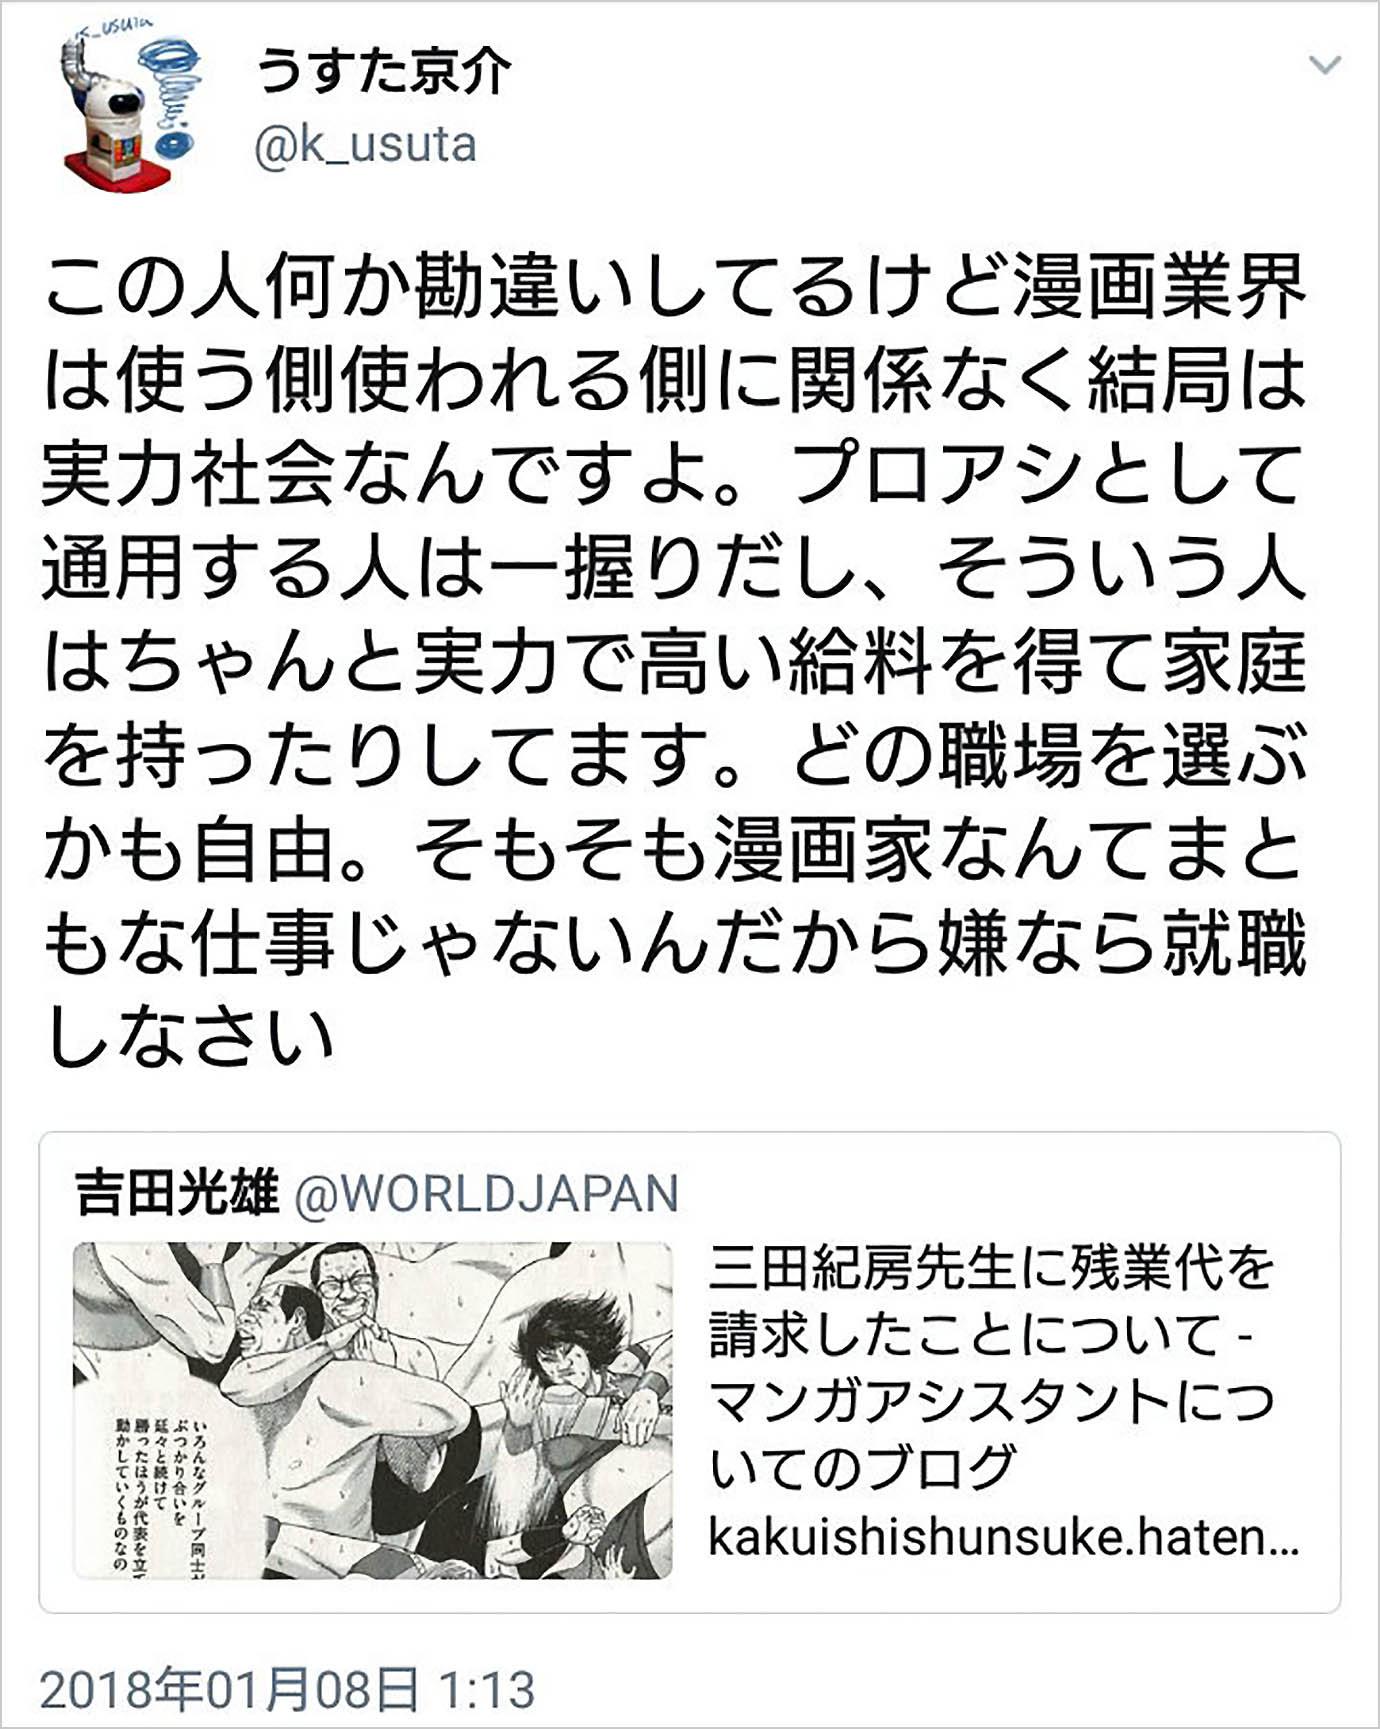 【漫画家】うすた京介 、「ドラゴン桜」のアシスタント残業未払い騒動に「嫌なら就職しなさい」→ 炎上へwwwwwwwwwのサムネイル画像